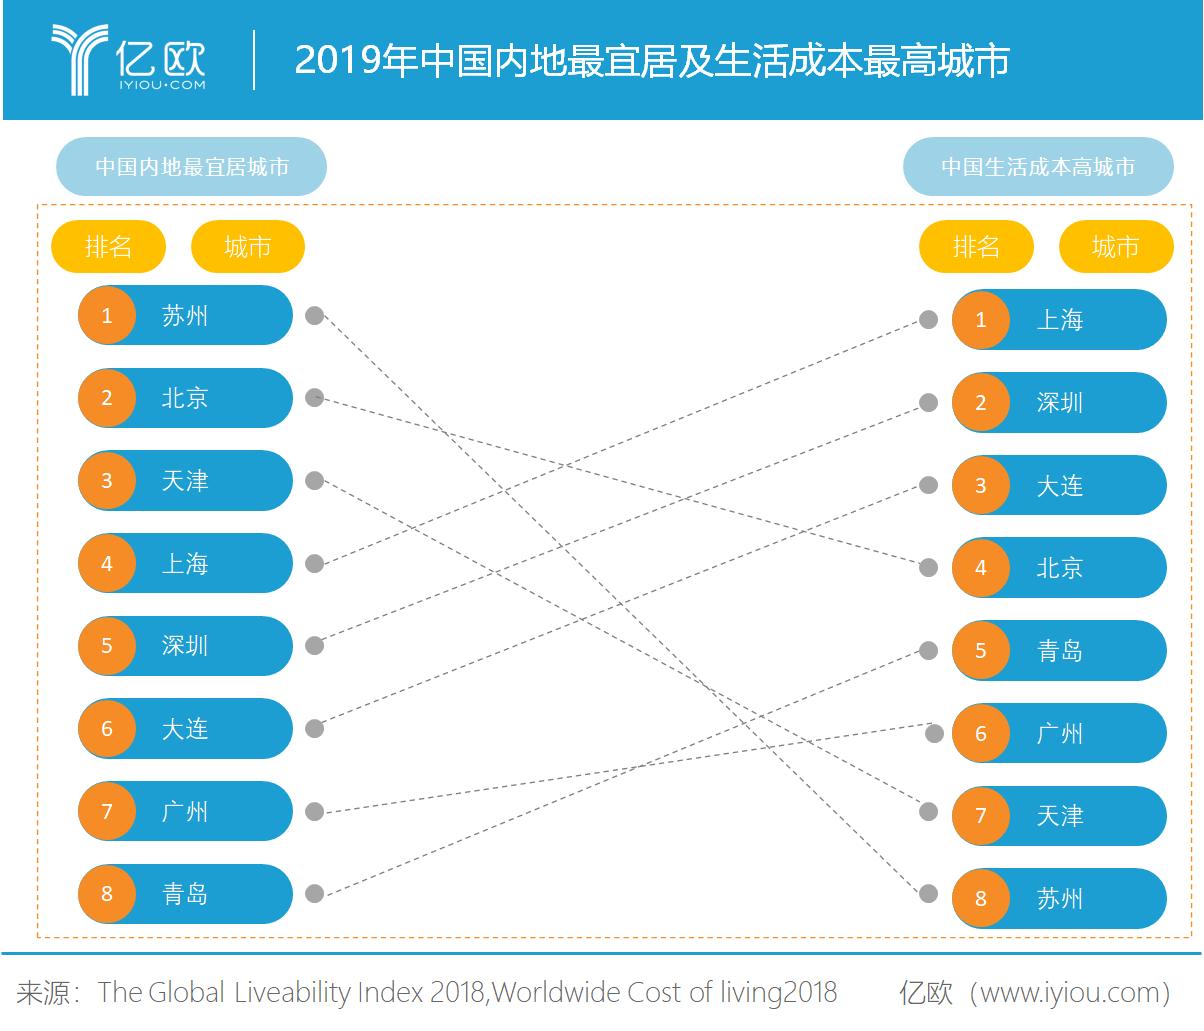 2019年中国内地最宜居城市